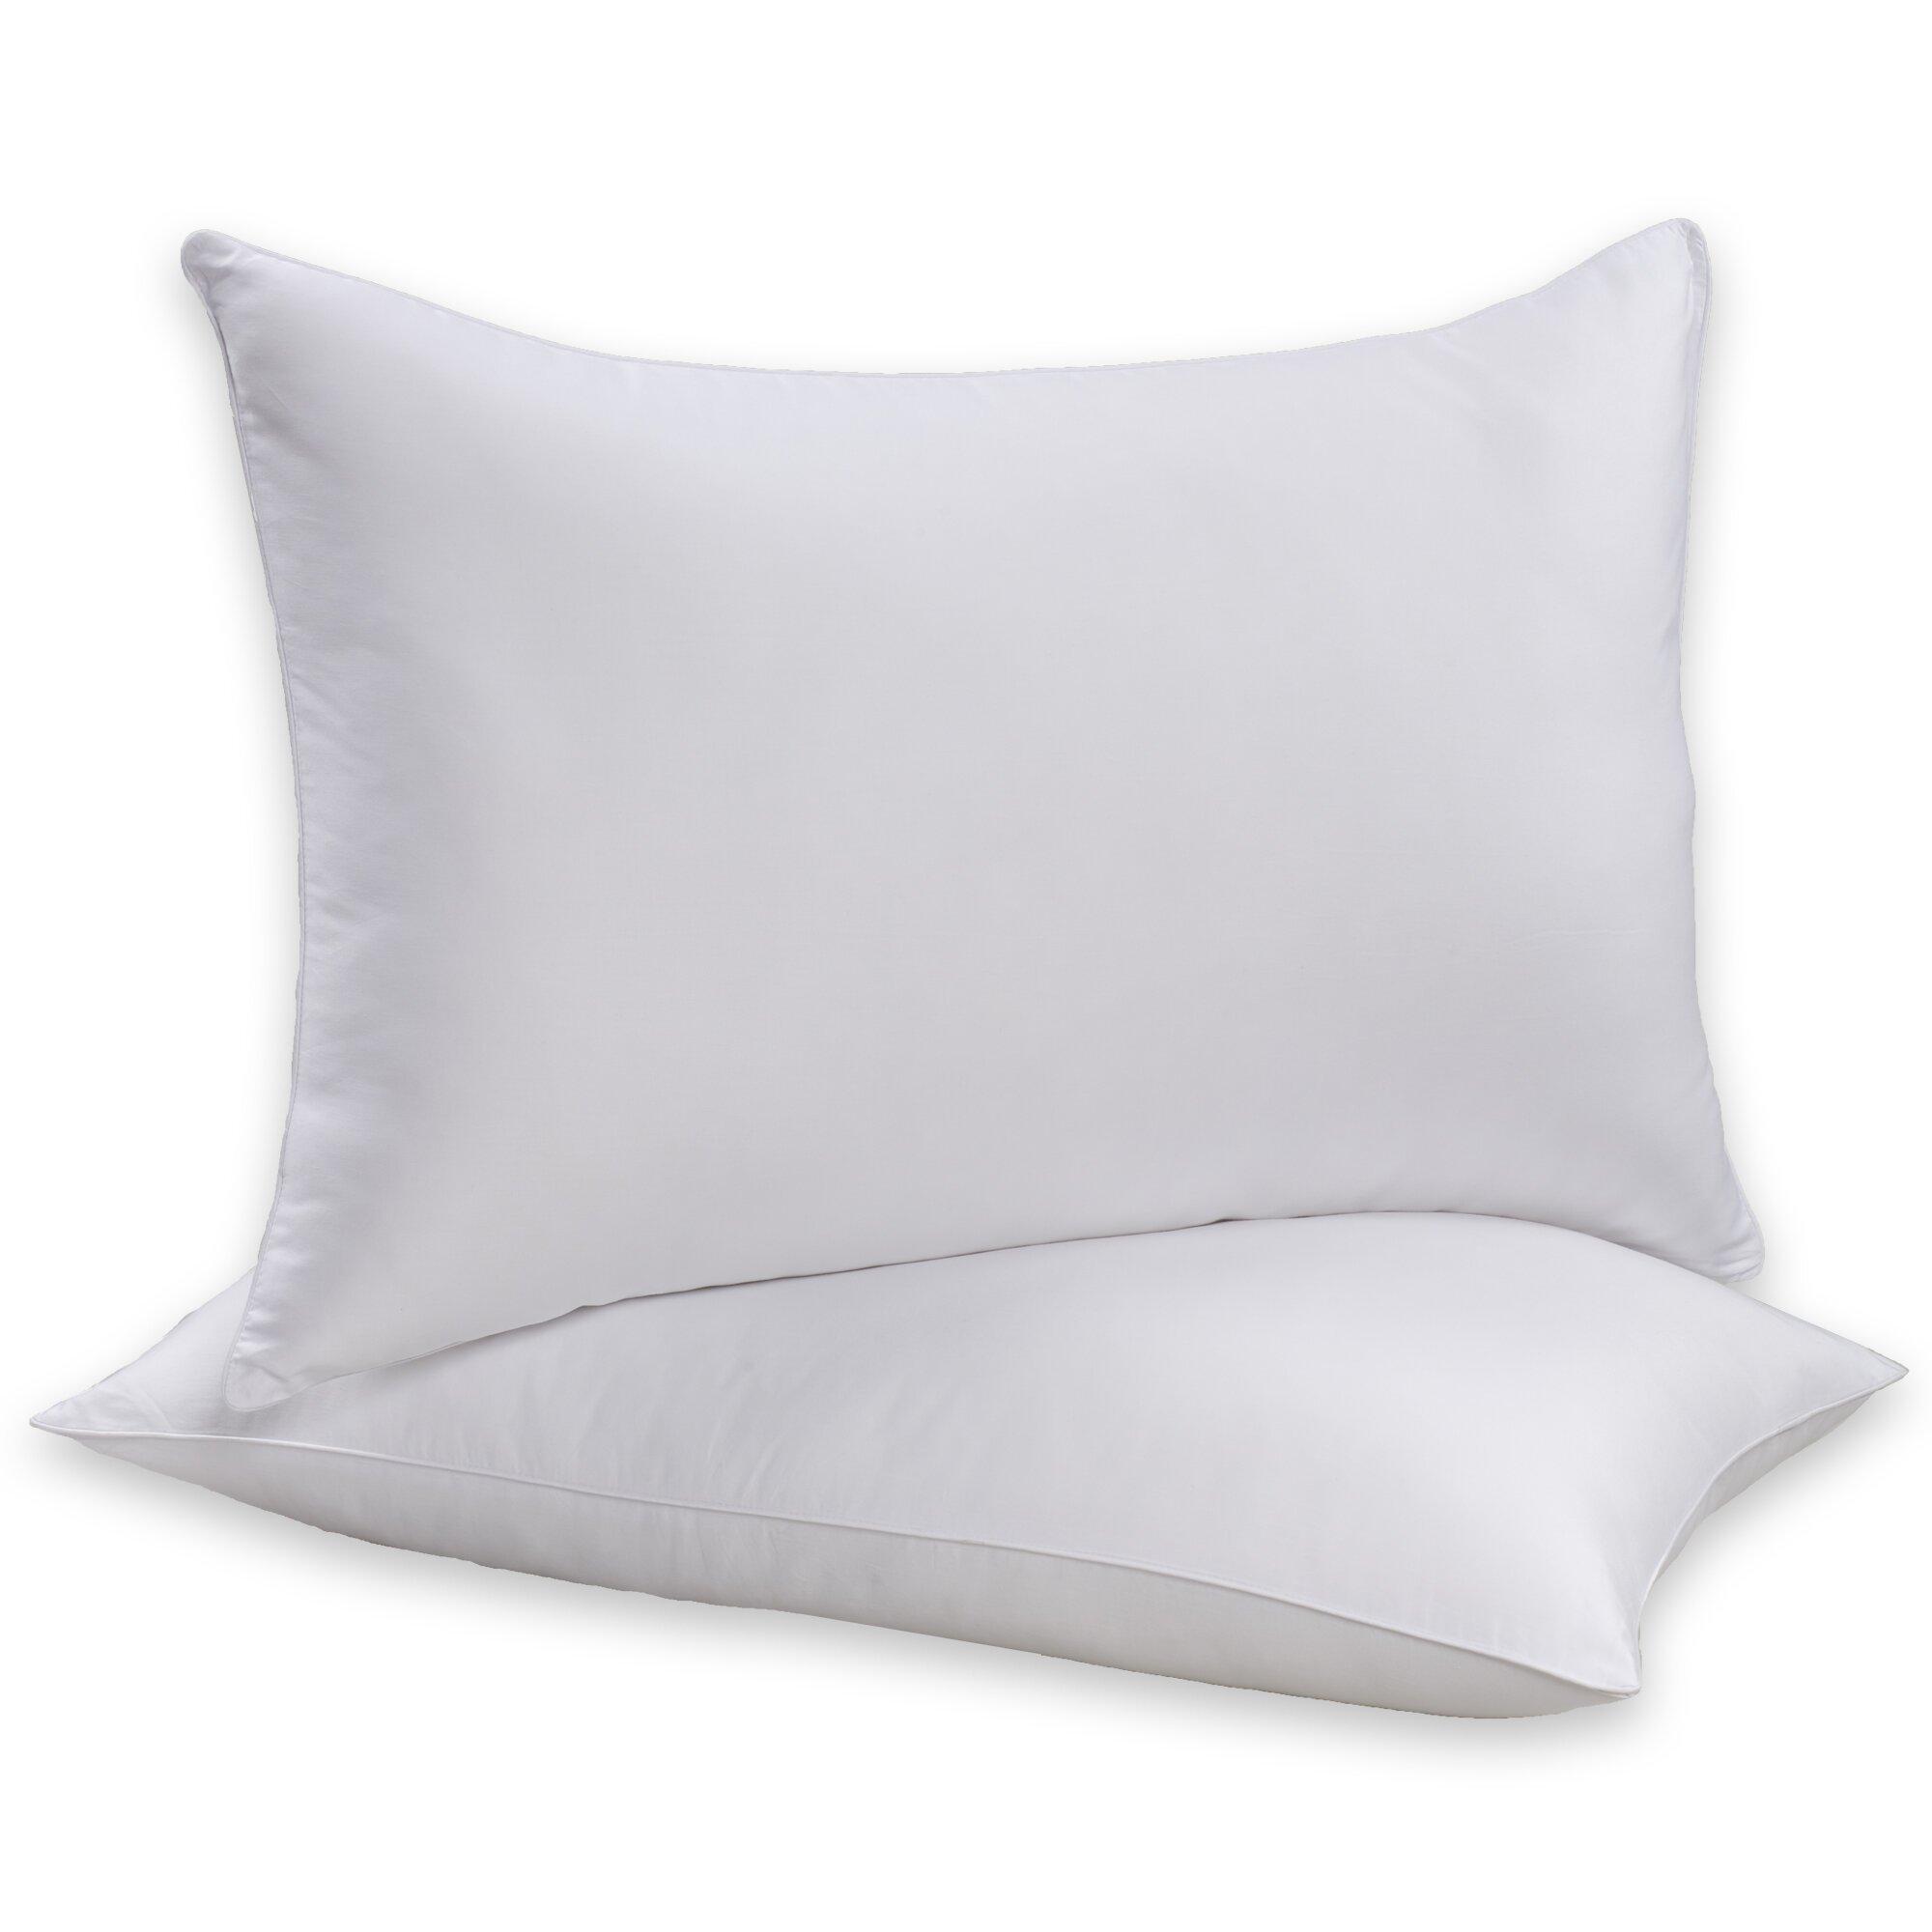 Simmons Beautyrest Allergen Barrier Polyfill Pillow